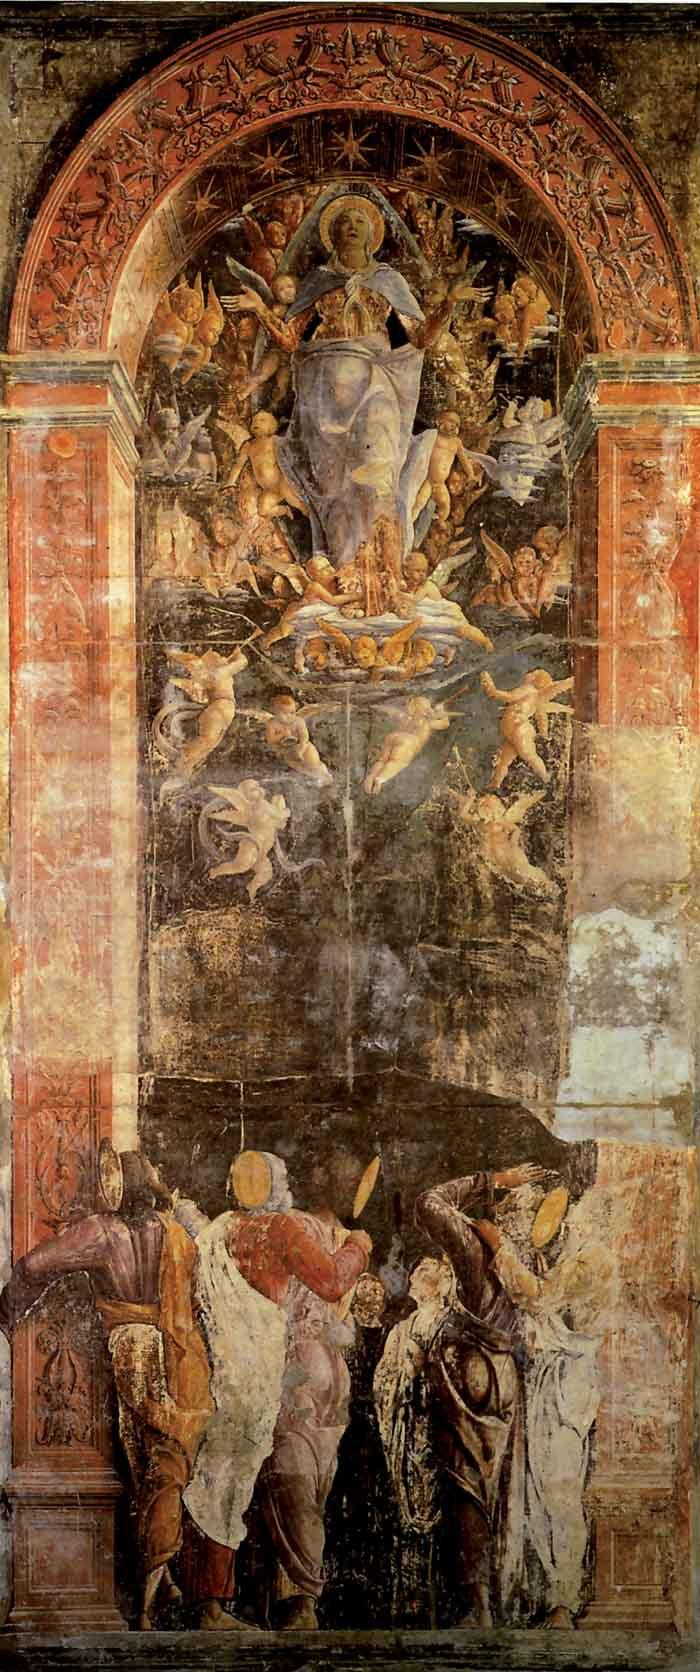 Assunzione della Vergine alla presenza degli apostoli. Padova, cappella Ovetari